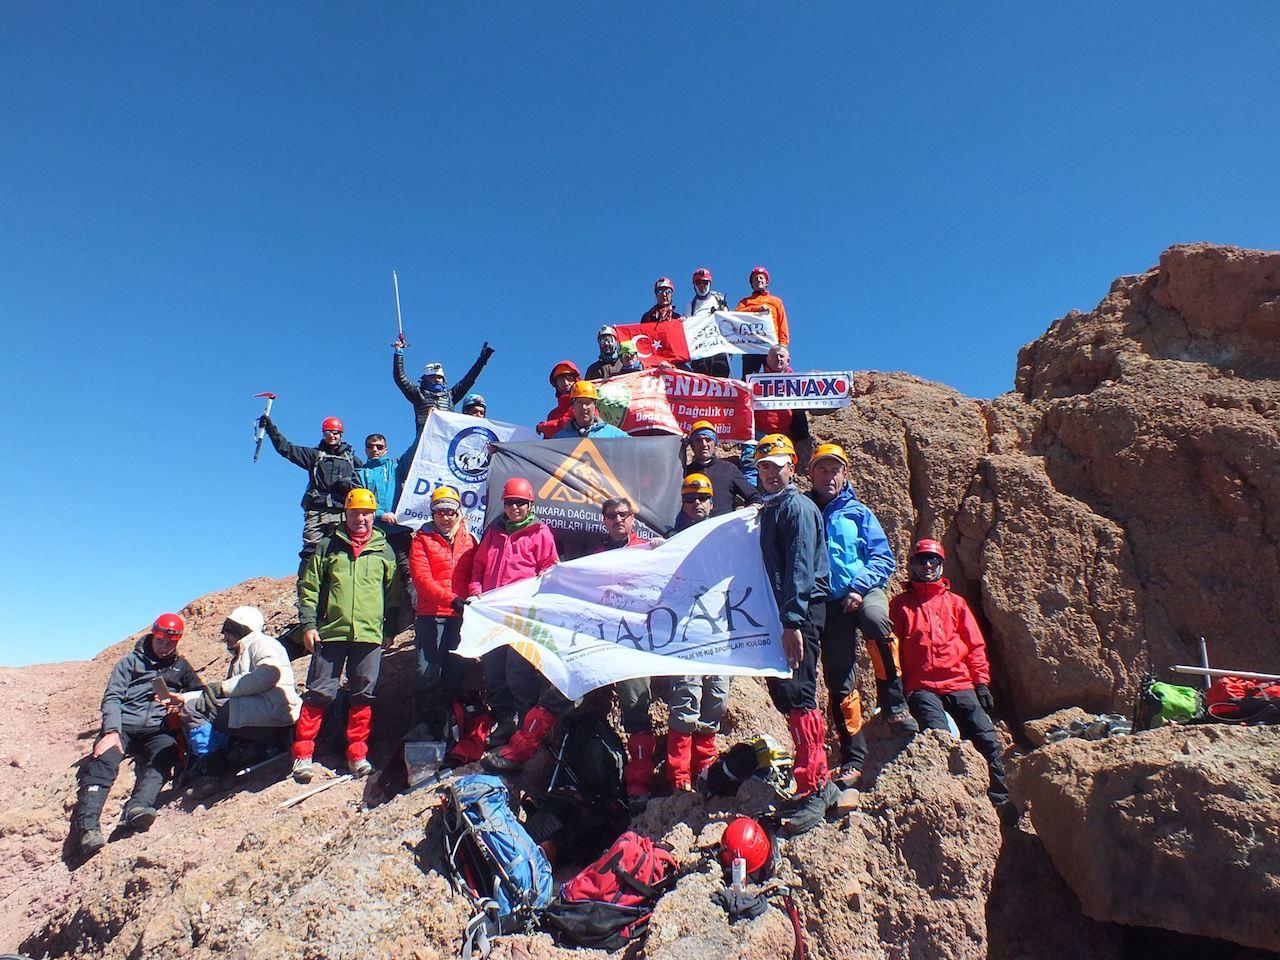 HADAK Geleneksel Erciyes Sütdonduran Kuzey Zirve Tırmanışı